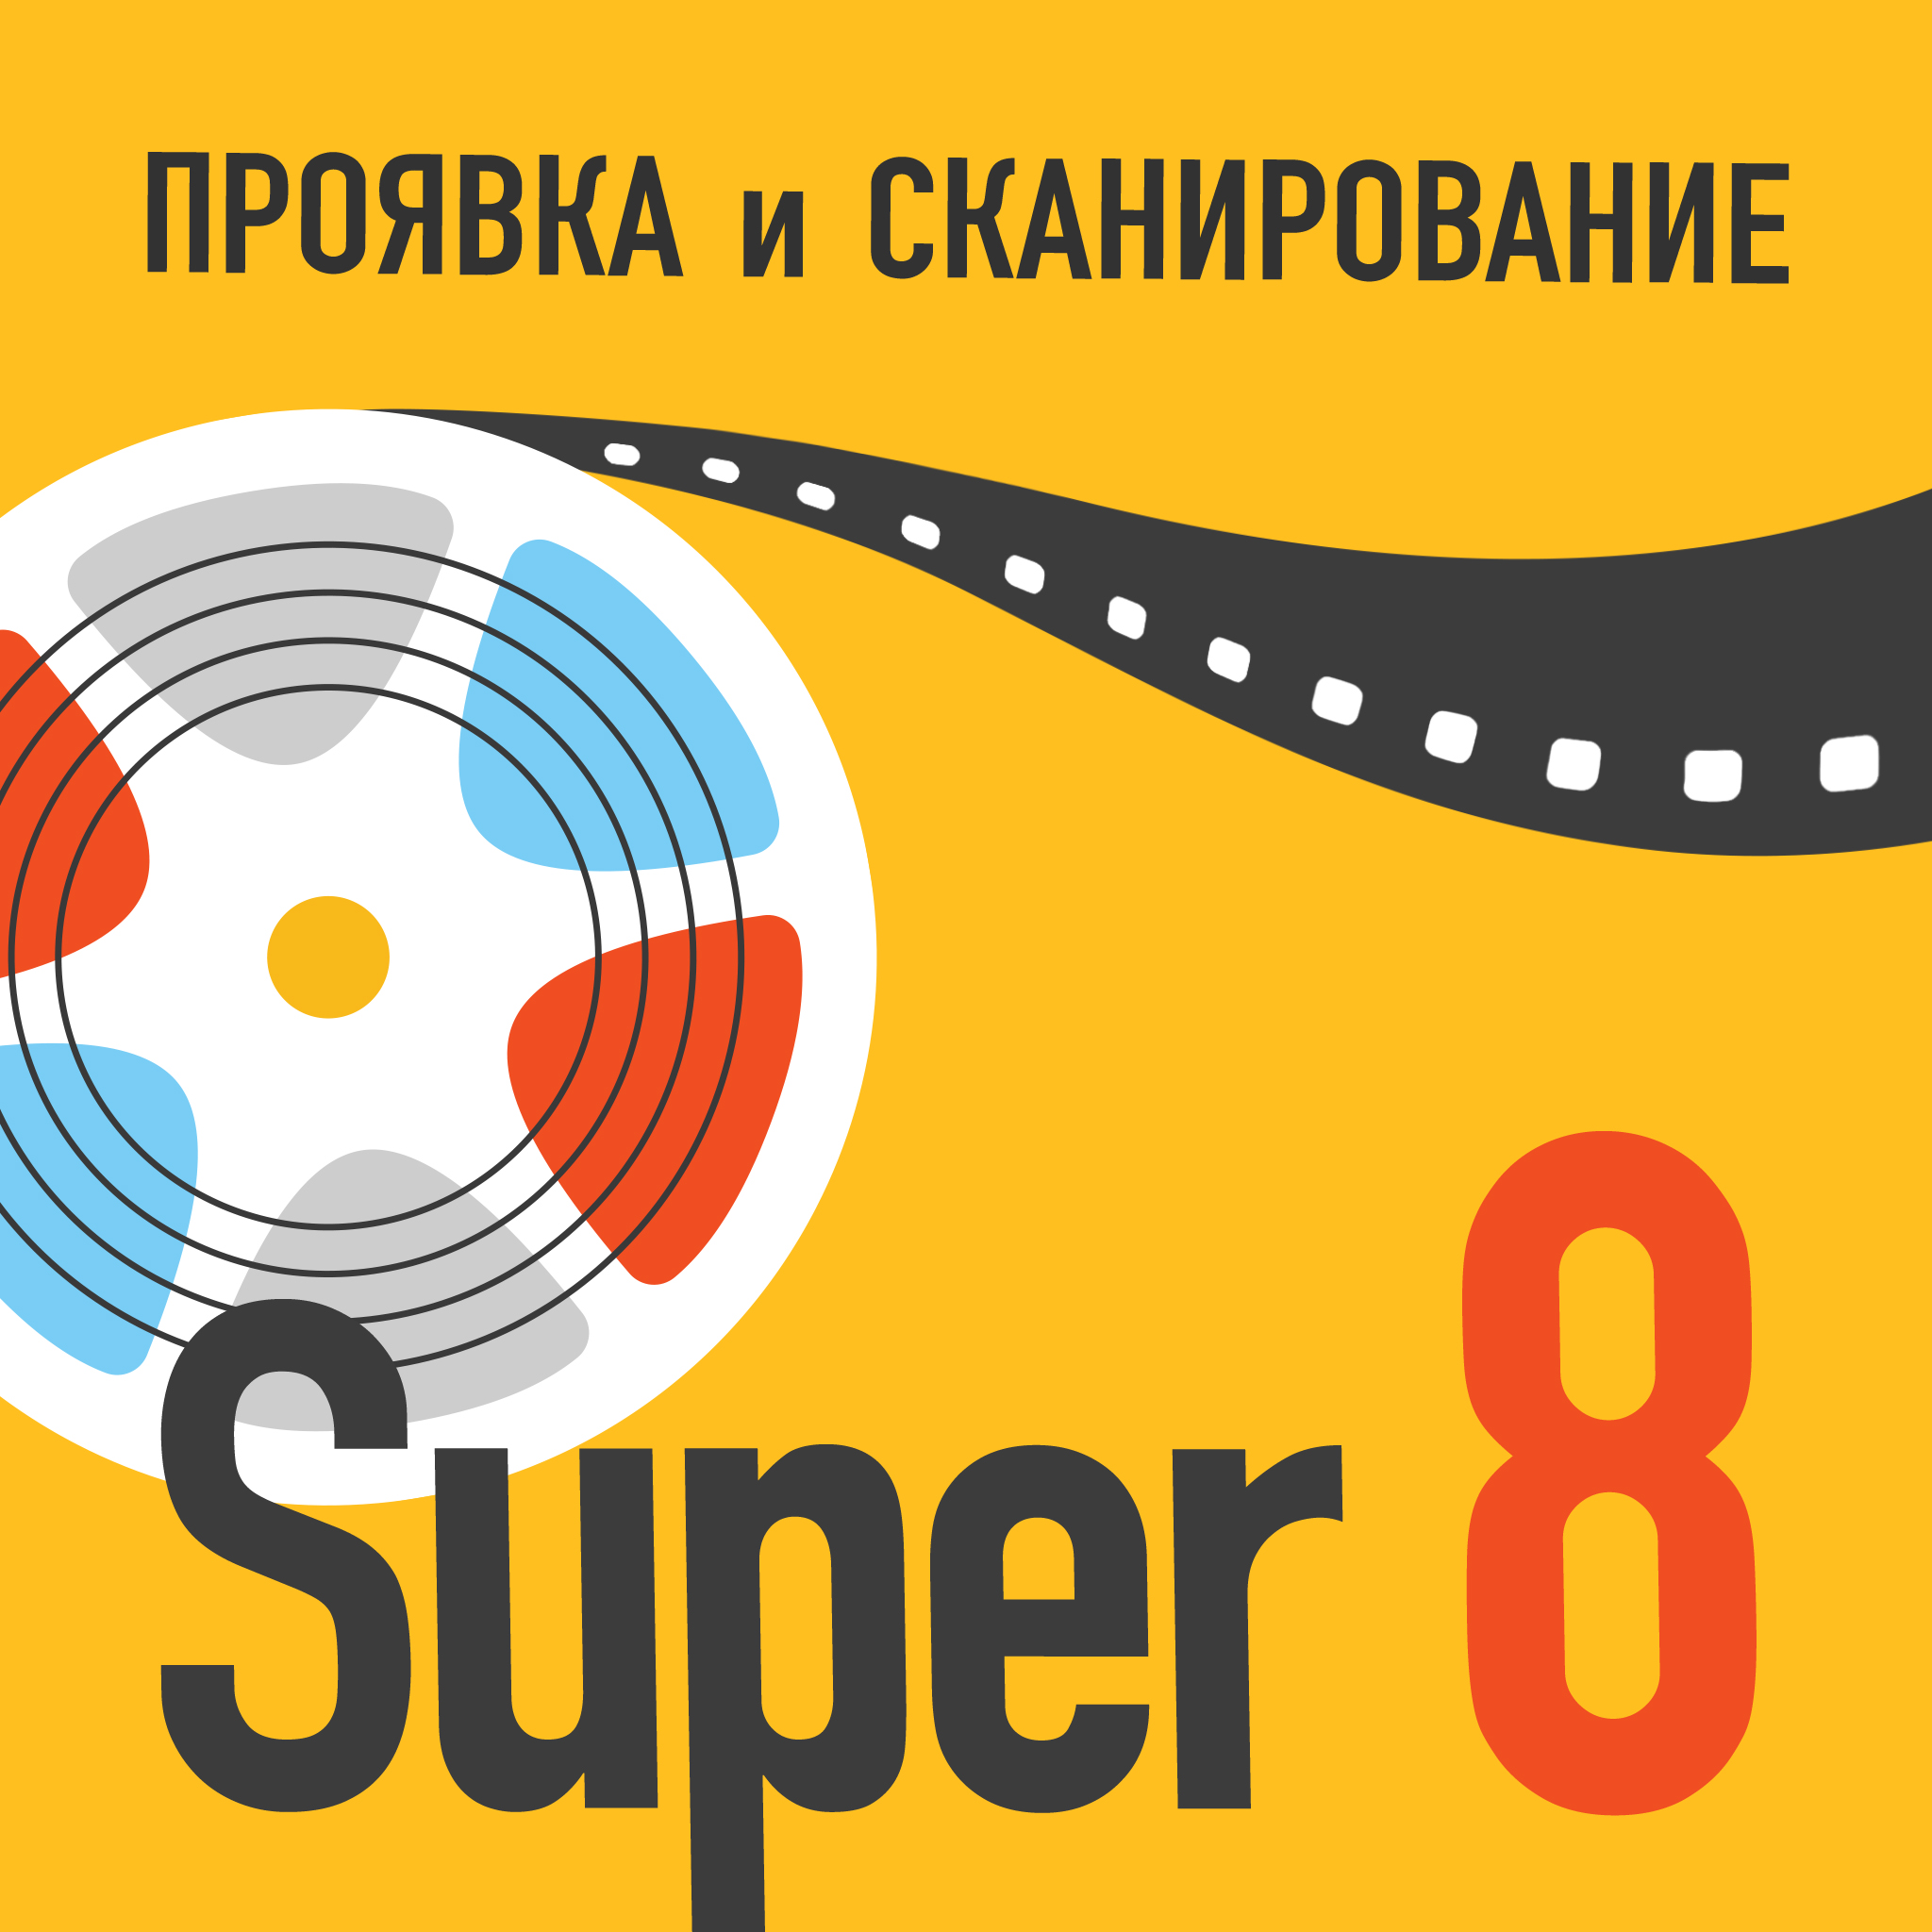 Проявка и сканирование кинопленок Super 8